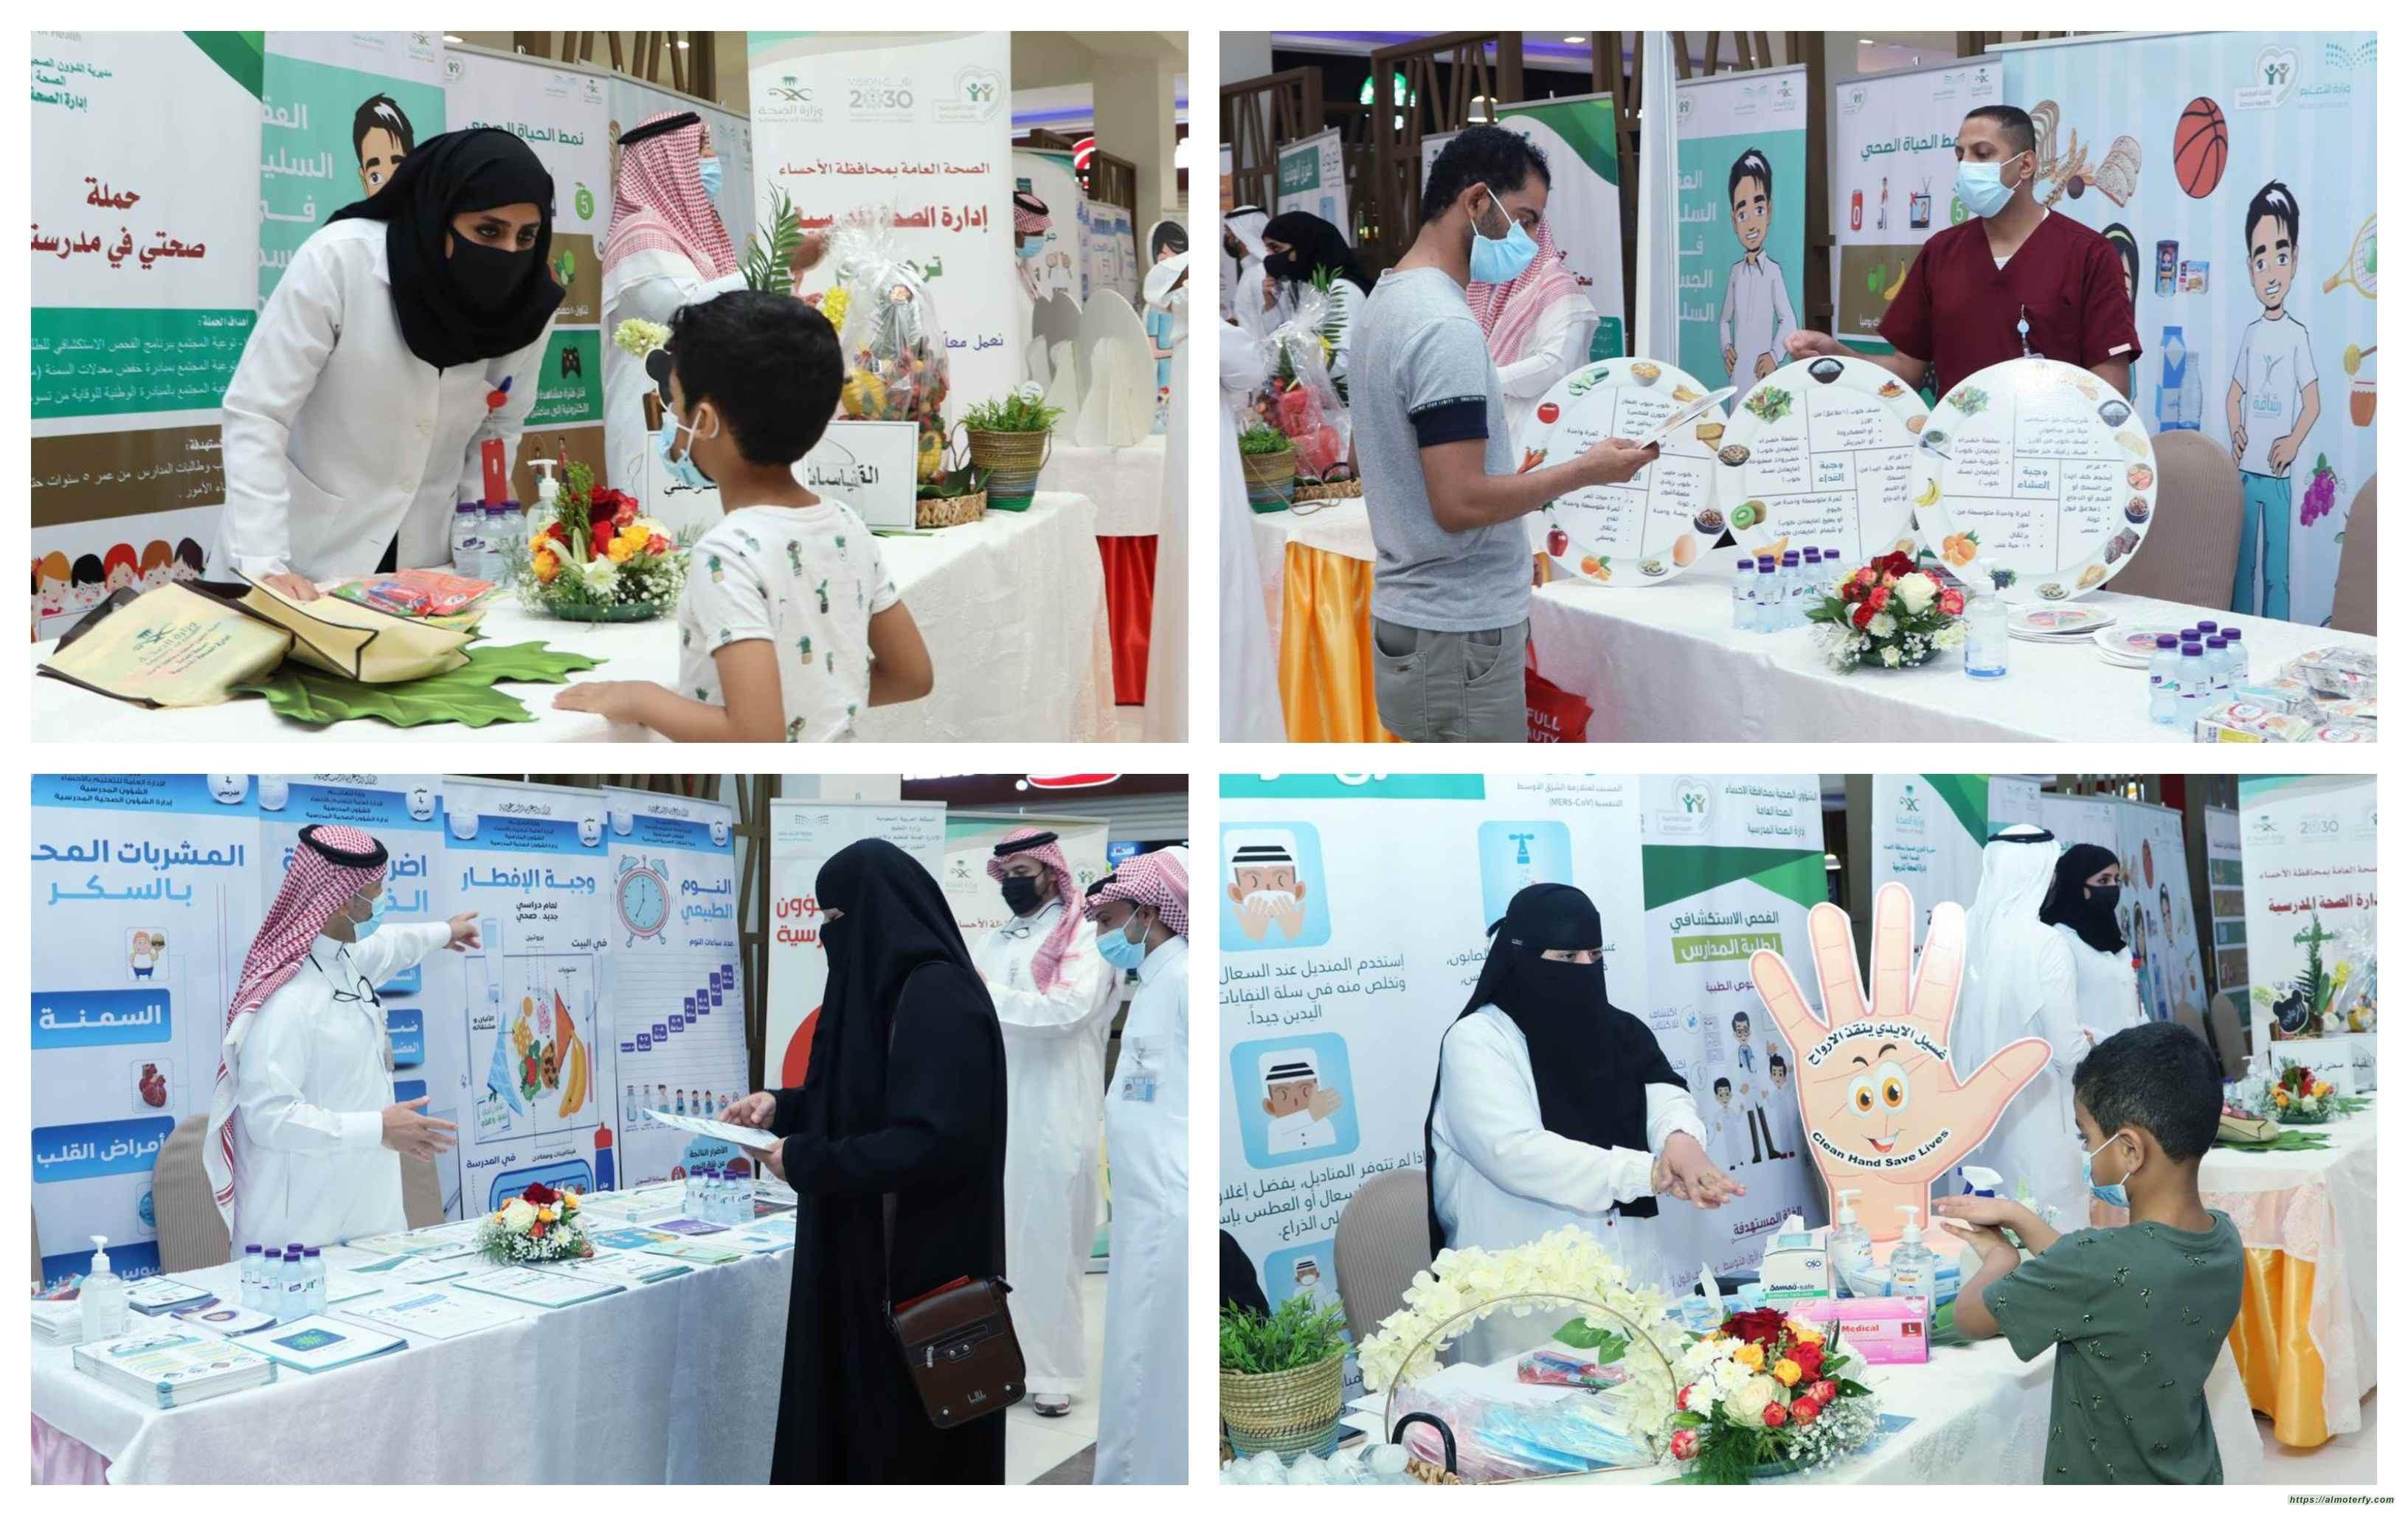 """تجمع الأحساء الصحي يطلق حملة """"صحتي في مدرستي"""" لتعزيز صحة النشء"""